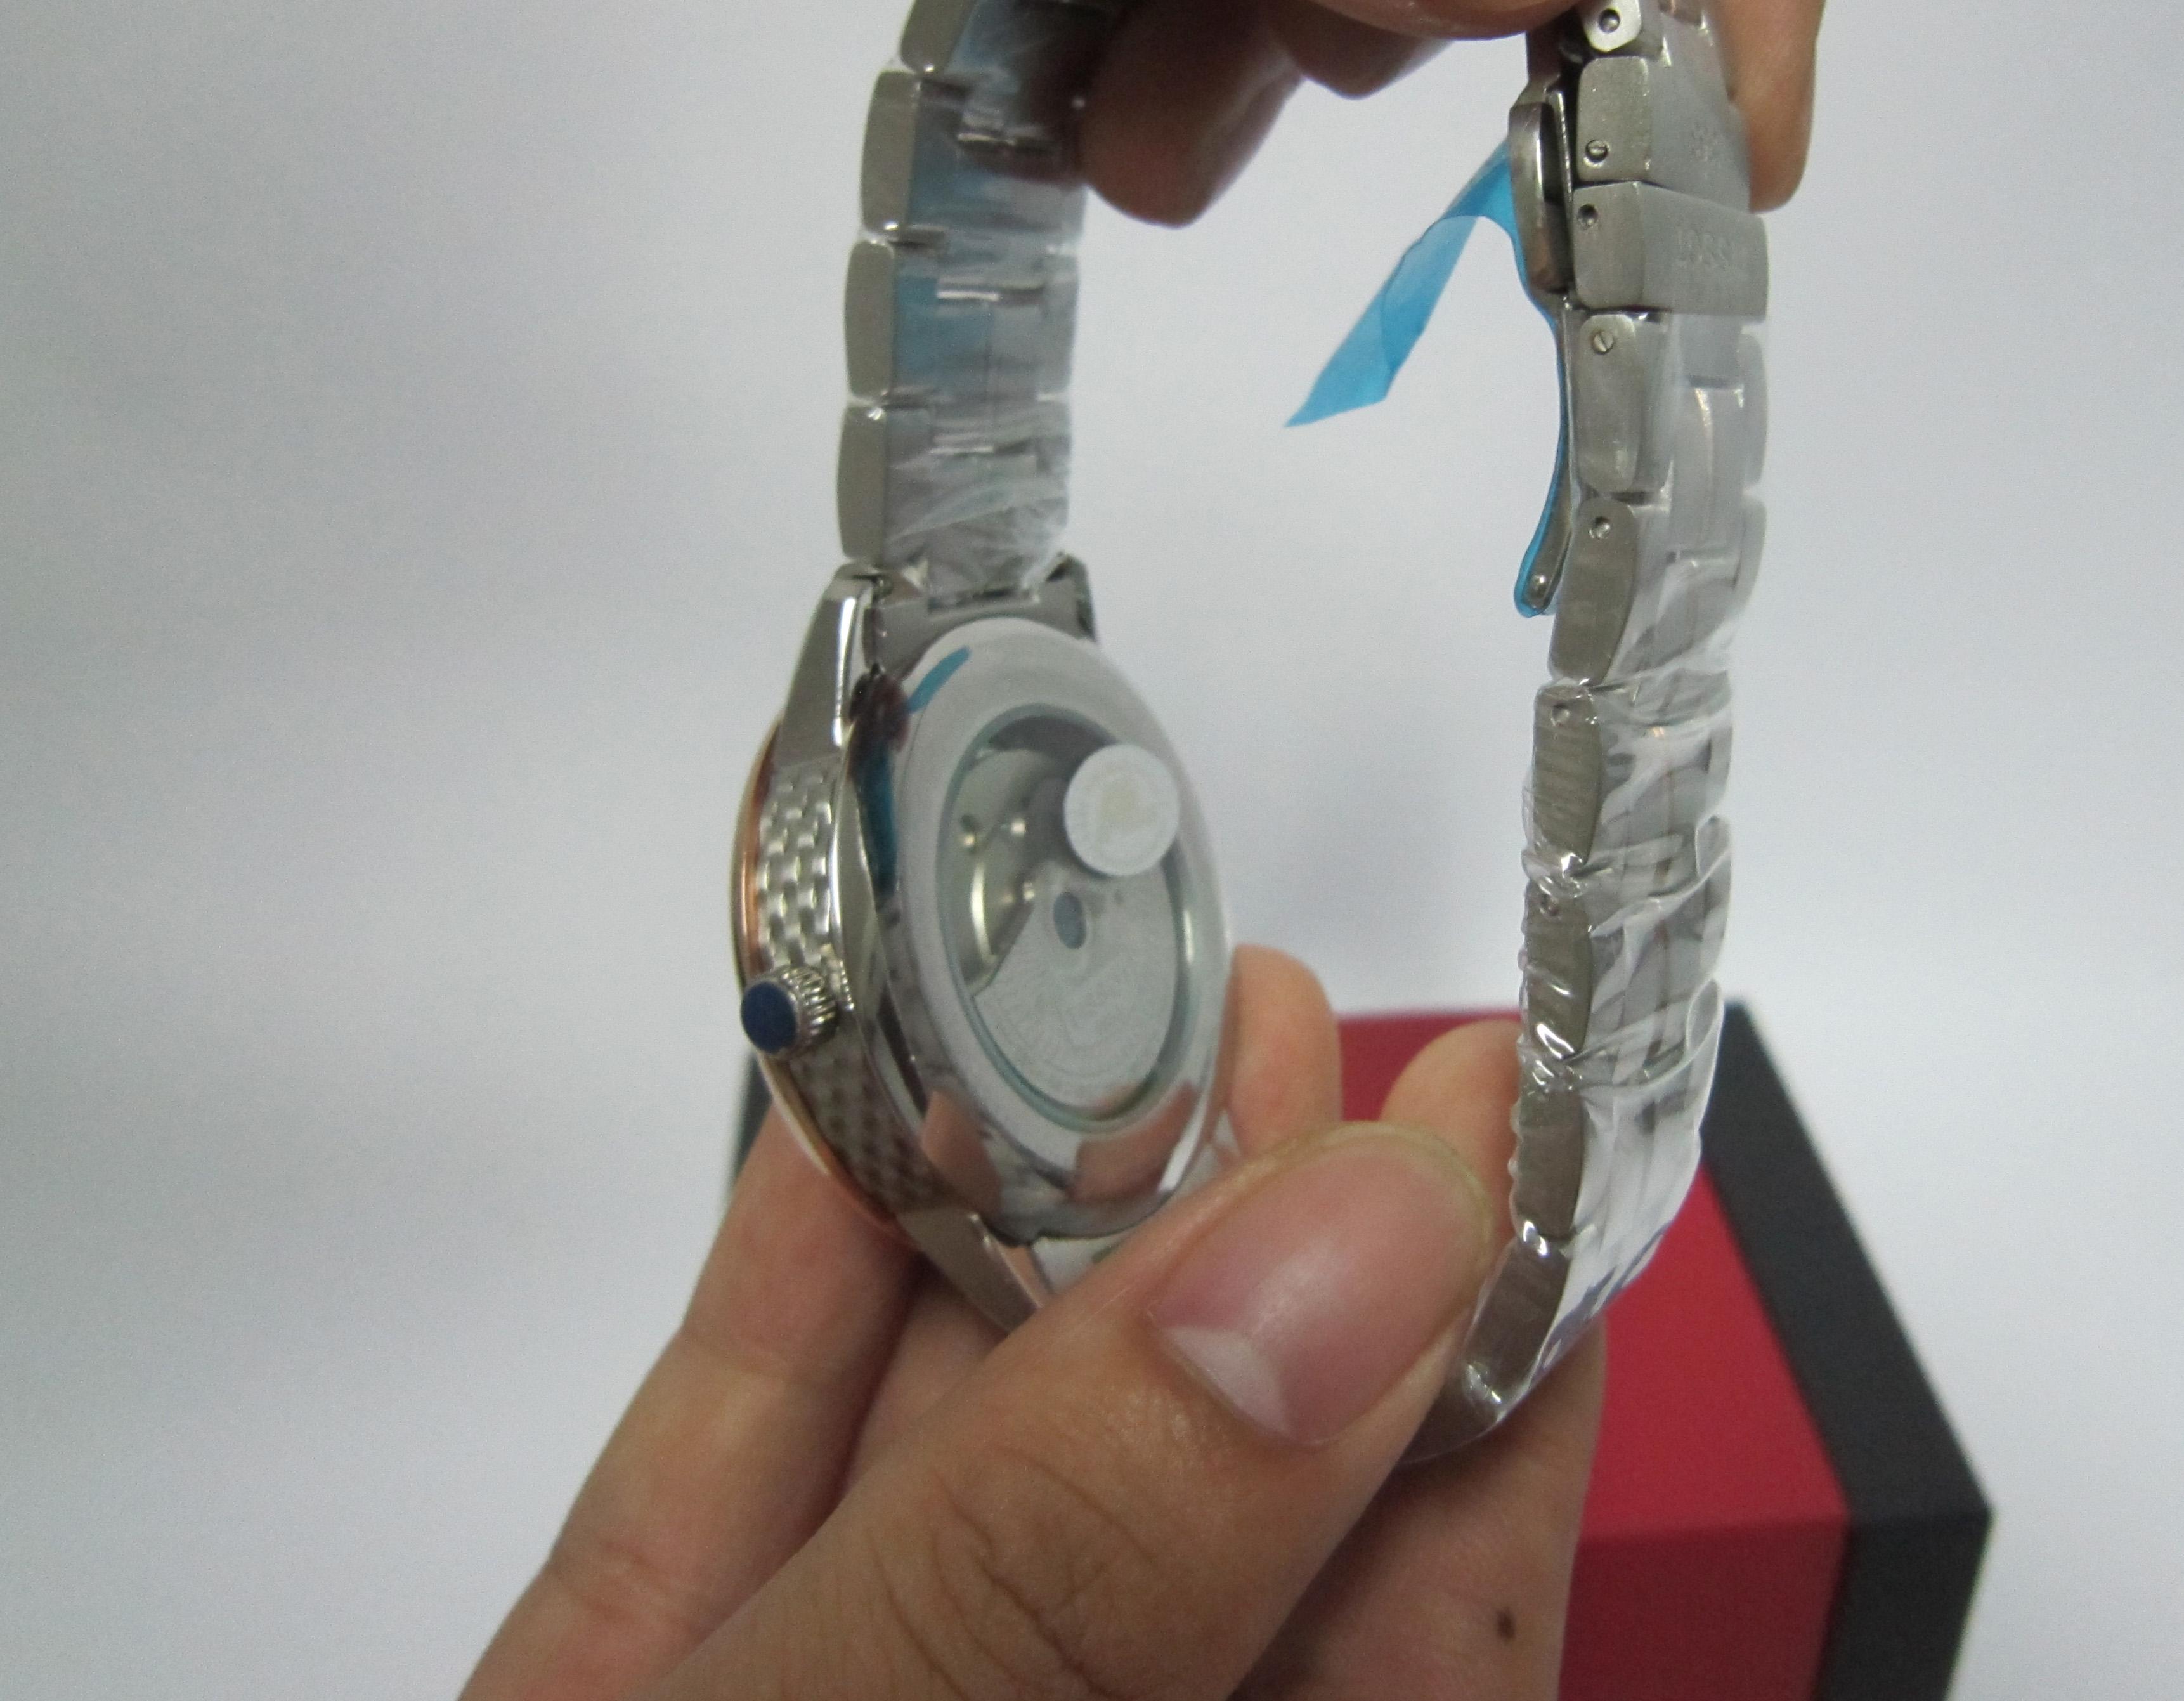 Đồng hồ nam Tissot 1853 T086.207.22.261.00 hợp kim cao cấp